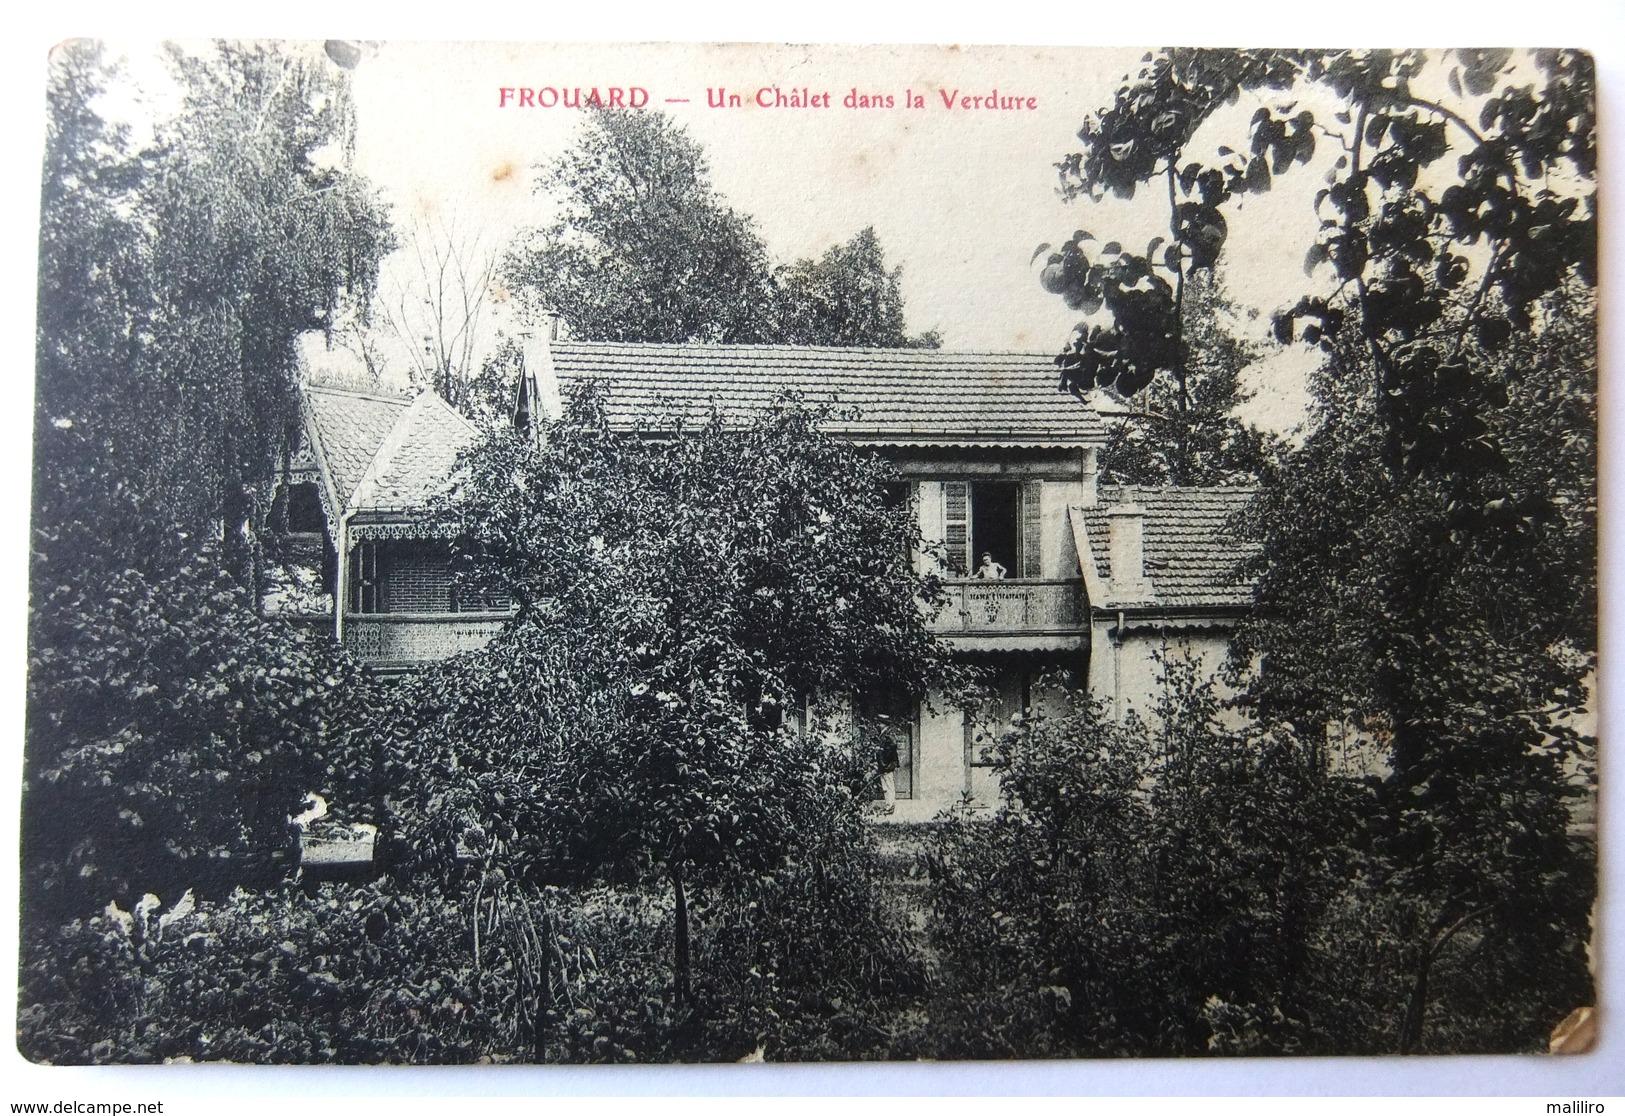 Frouard - Un Chalet Dans La Verdure - Frouard